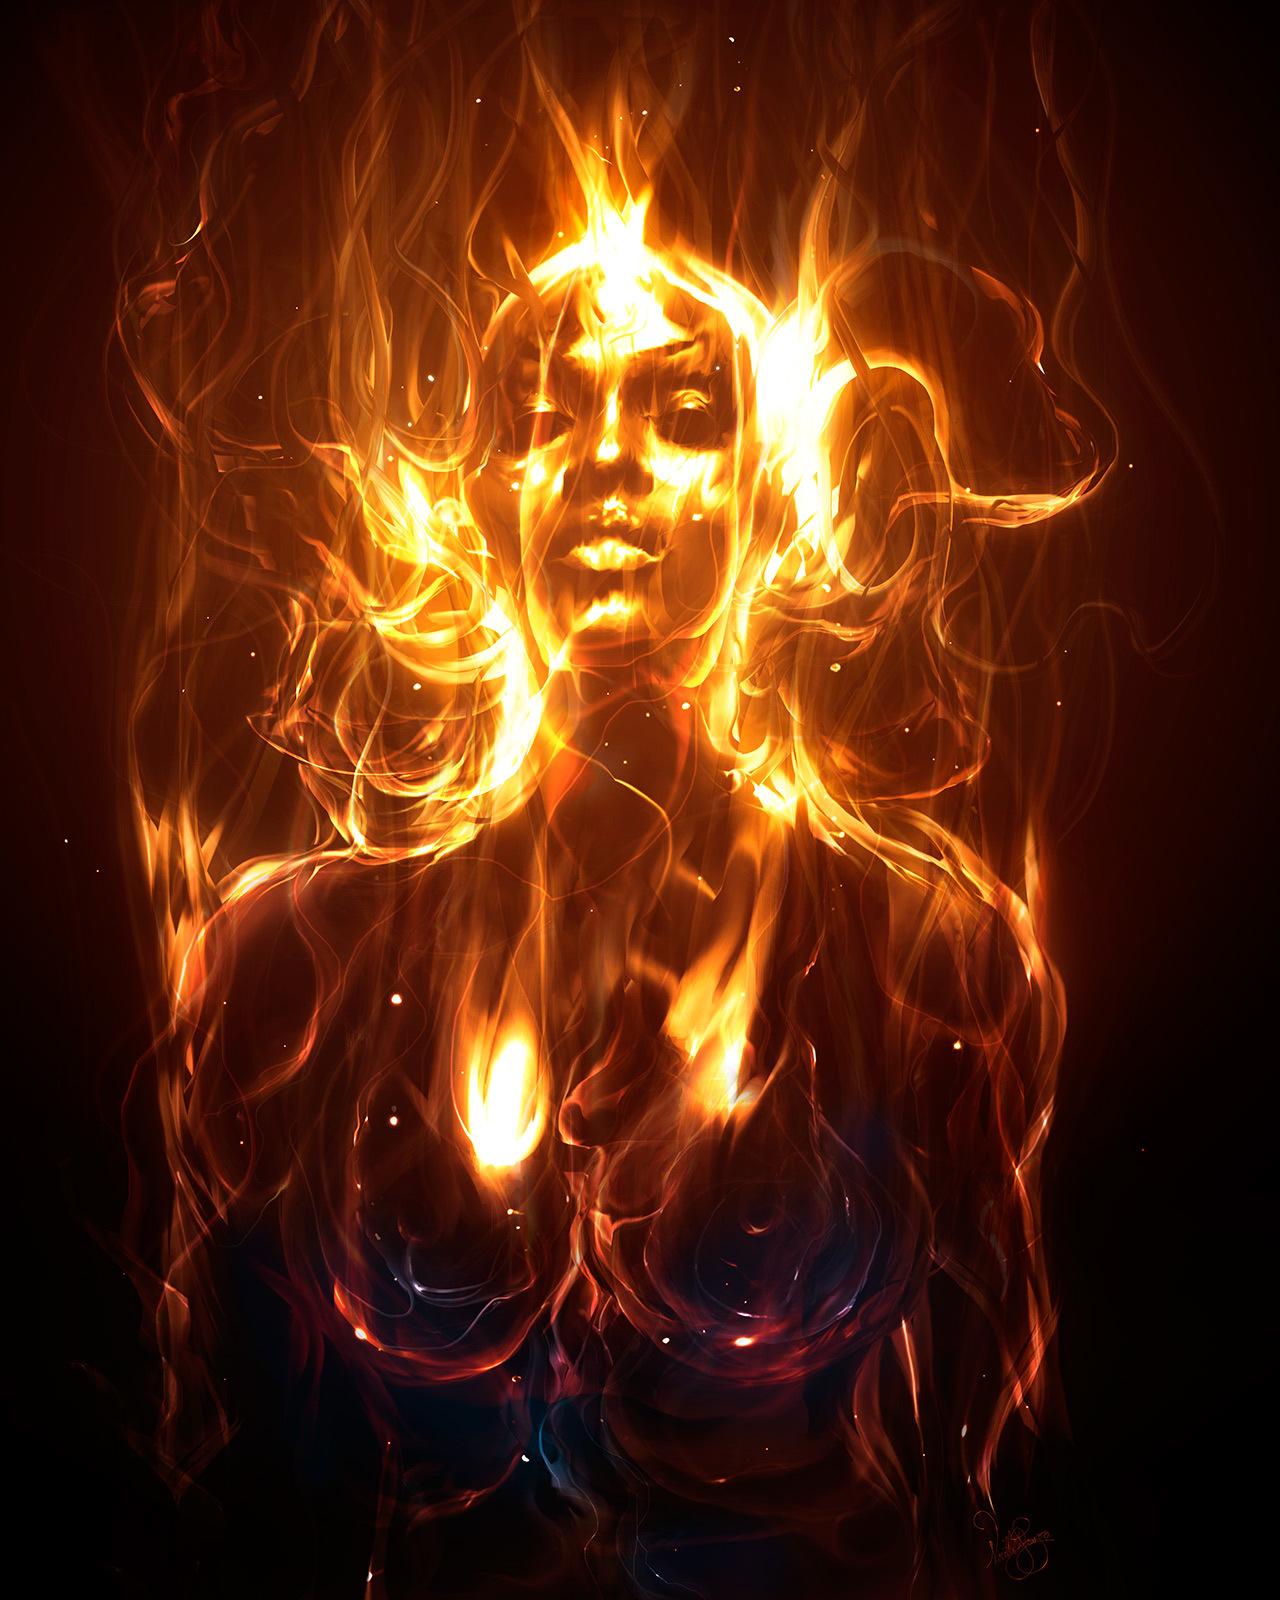 Nwiz25 firestarter 1 4ab9e720 gshb